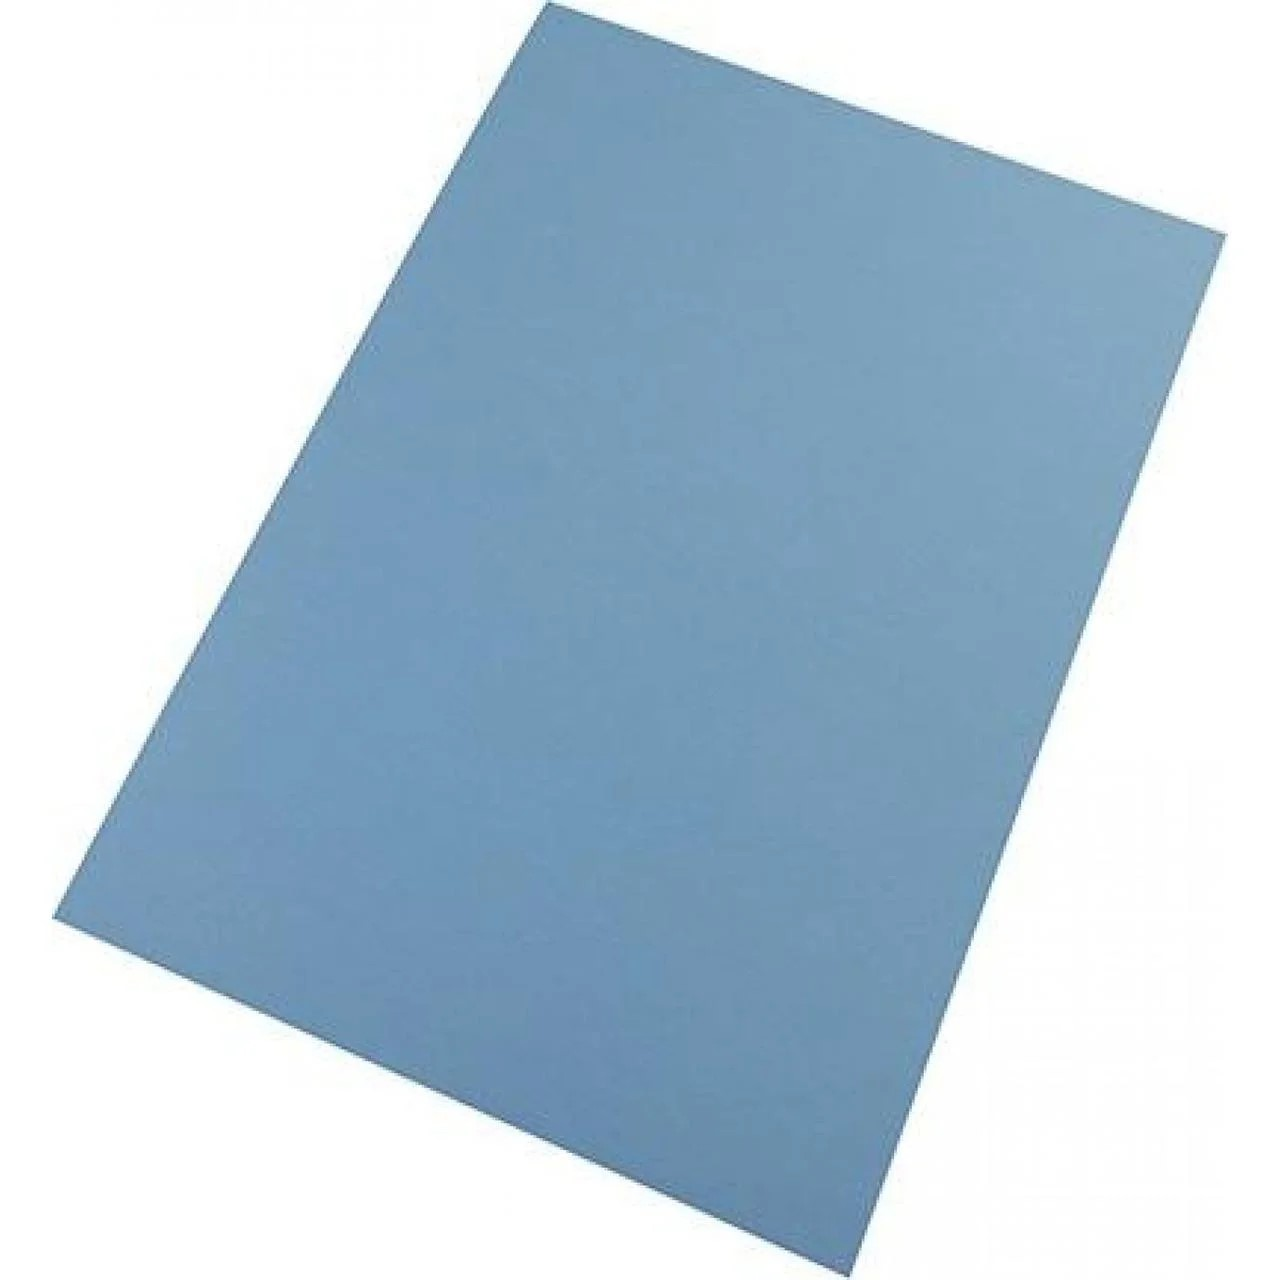 Бумага для пастели Tiziano A3 (29,7 * 42см), №17 c.zucch., 160г / м2, серо-голубой, среднее зерно, Fabrianо